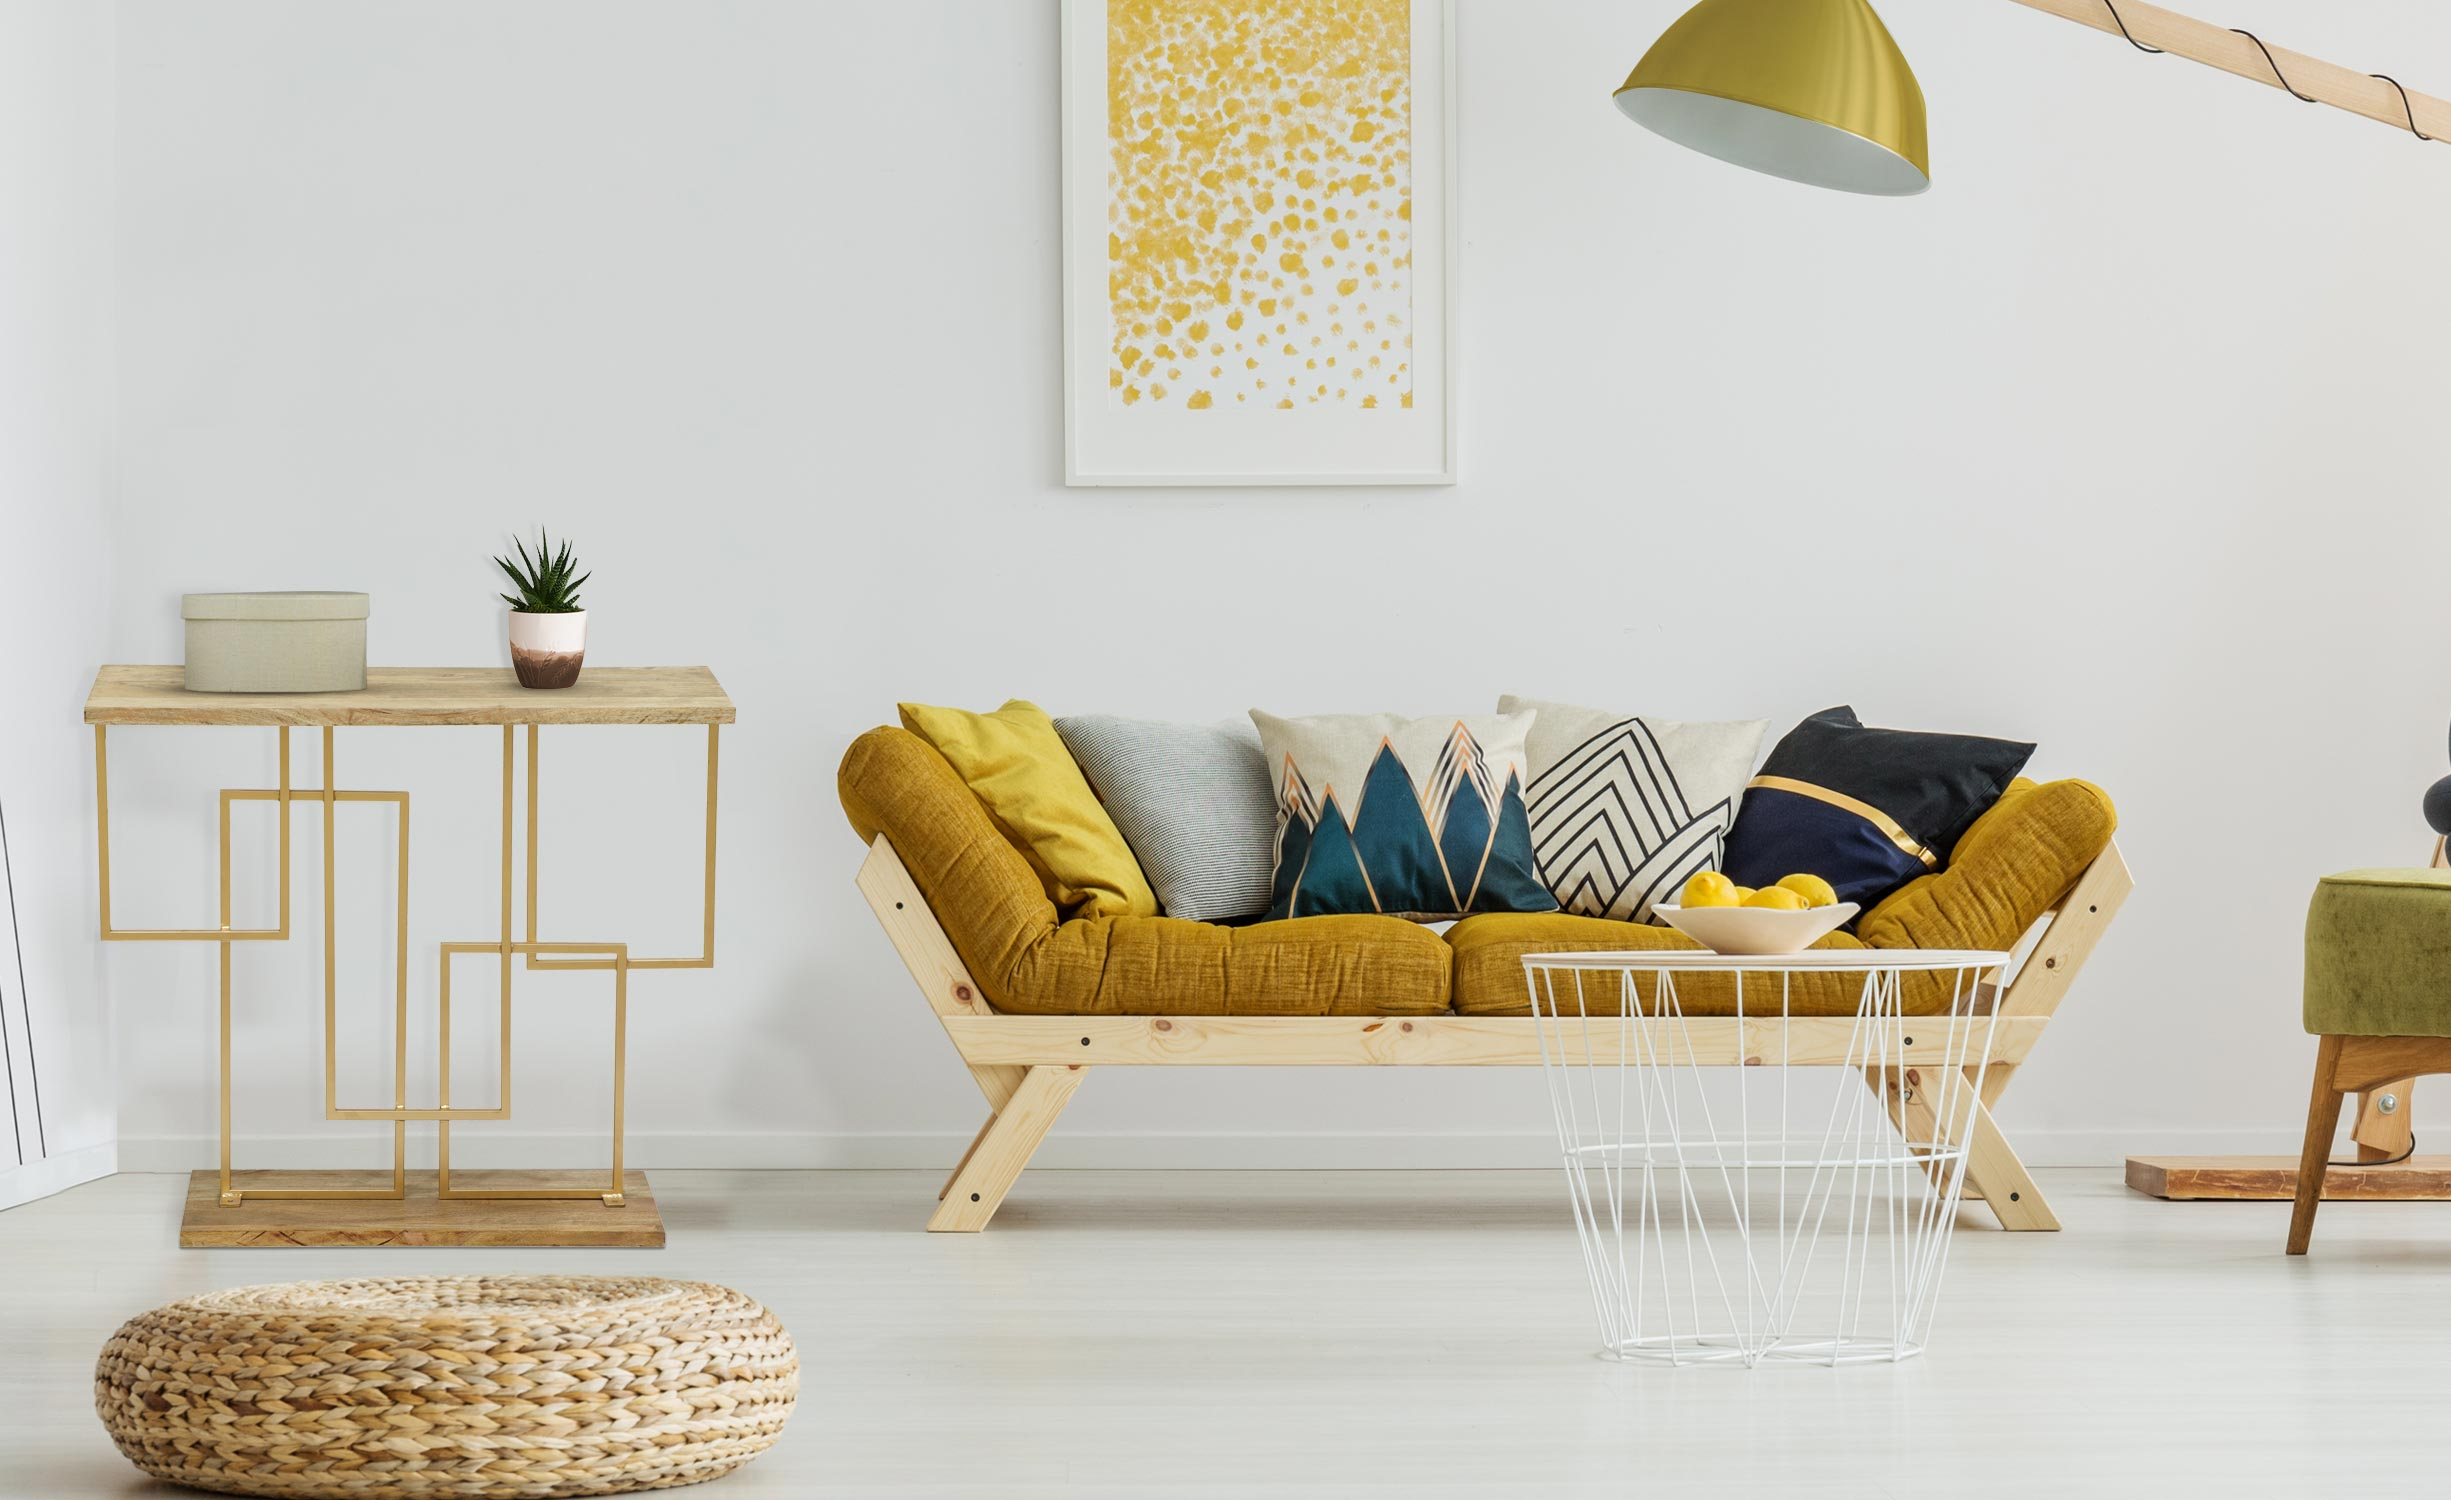 Penta-console in hout en goudkleurig metaal